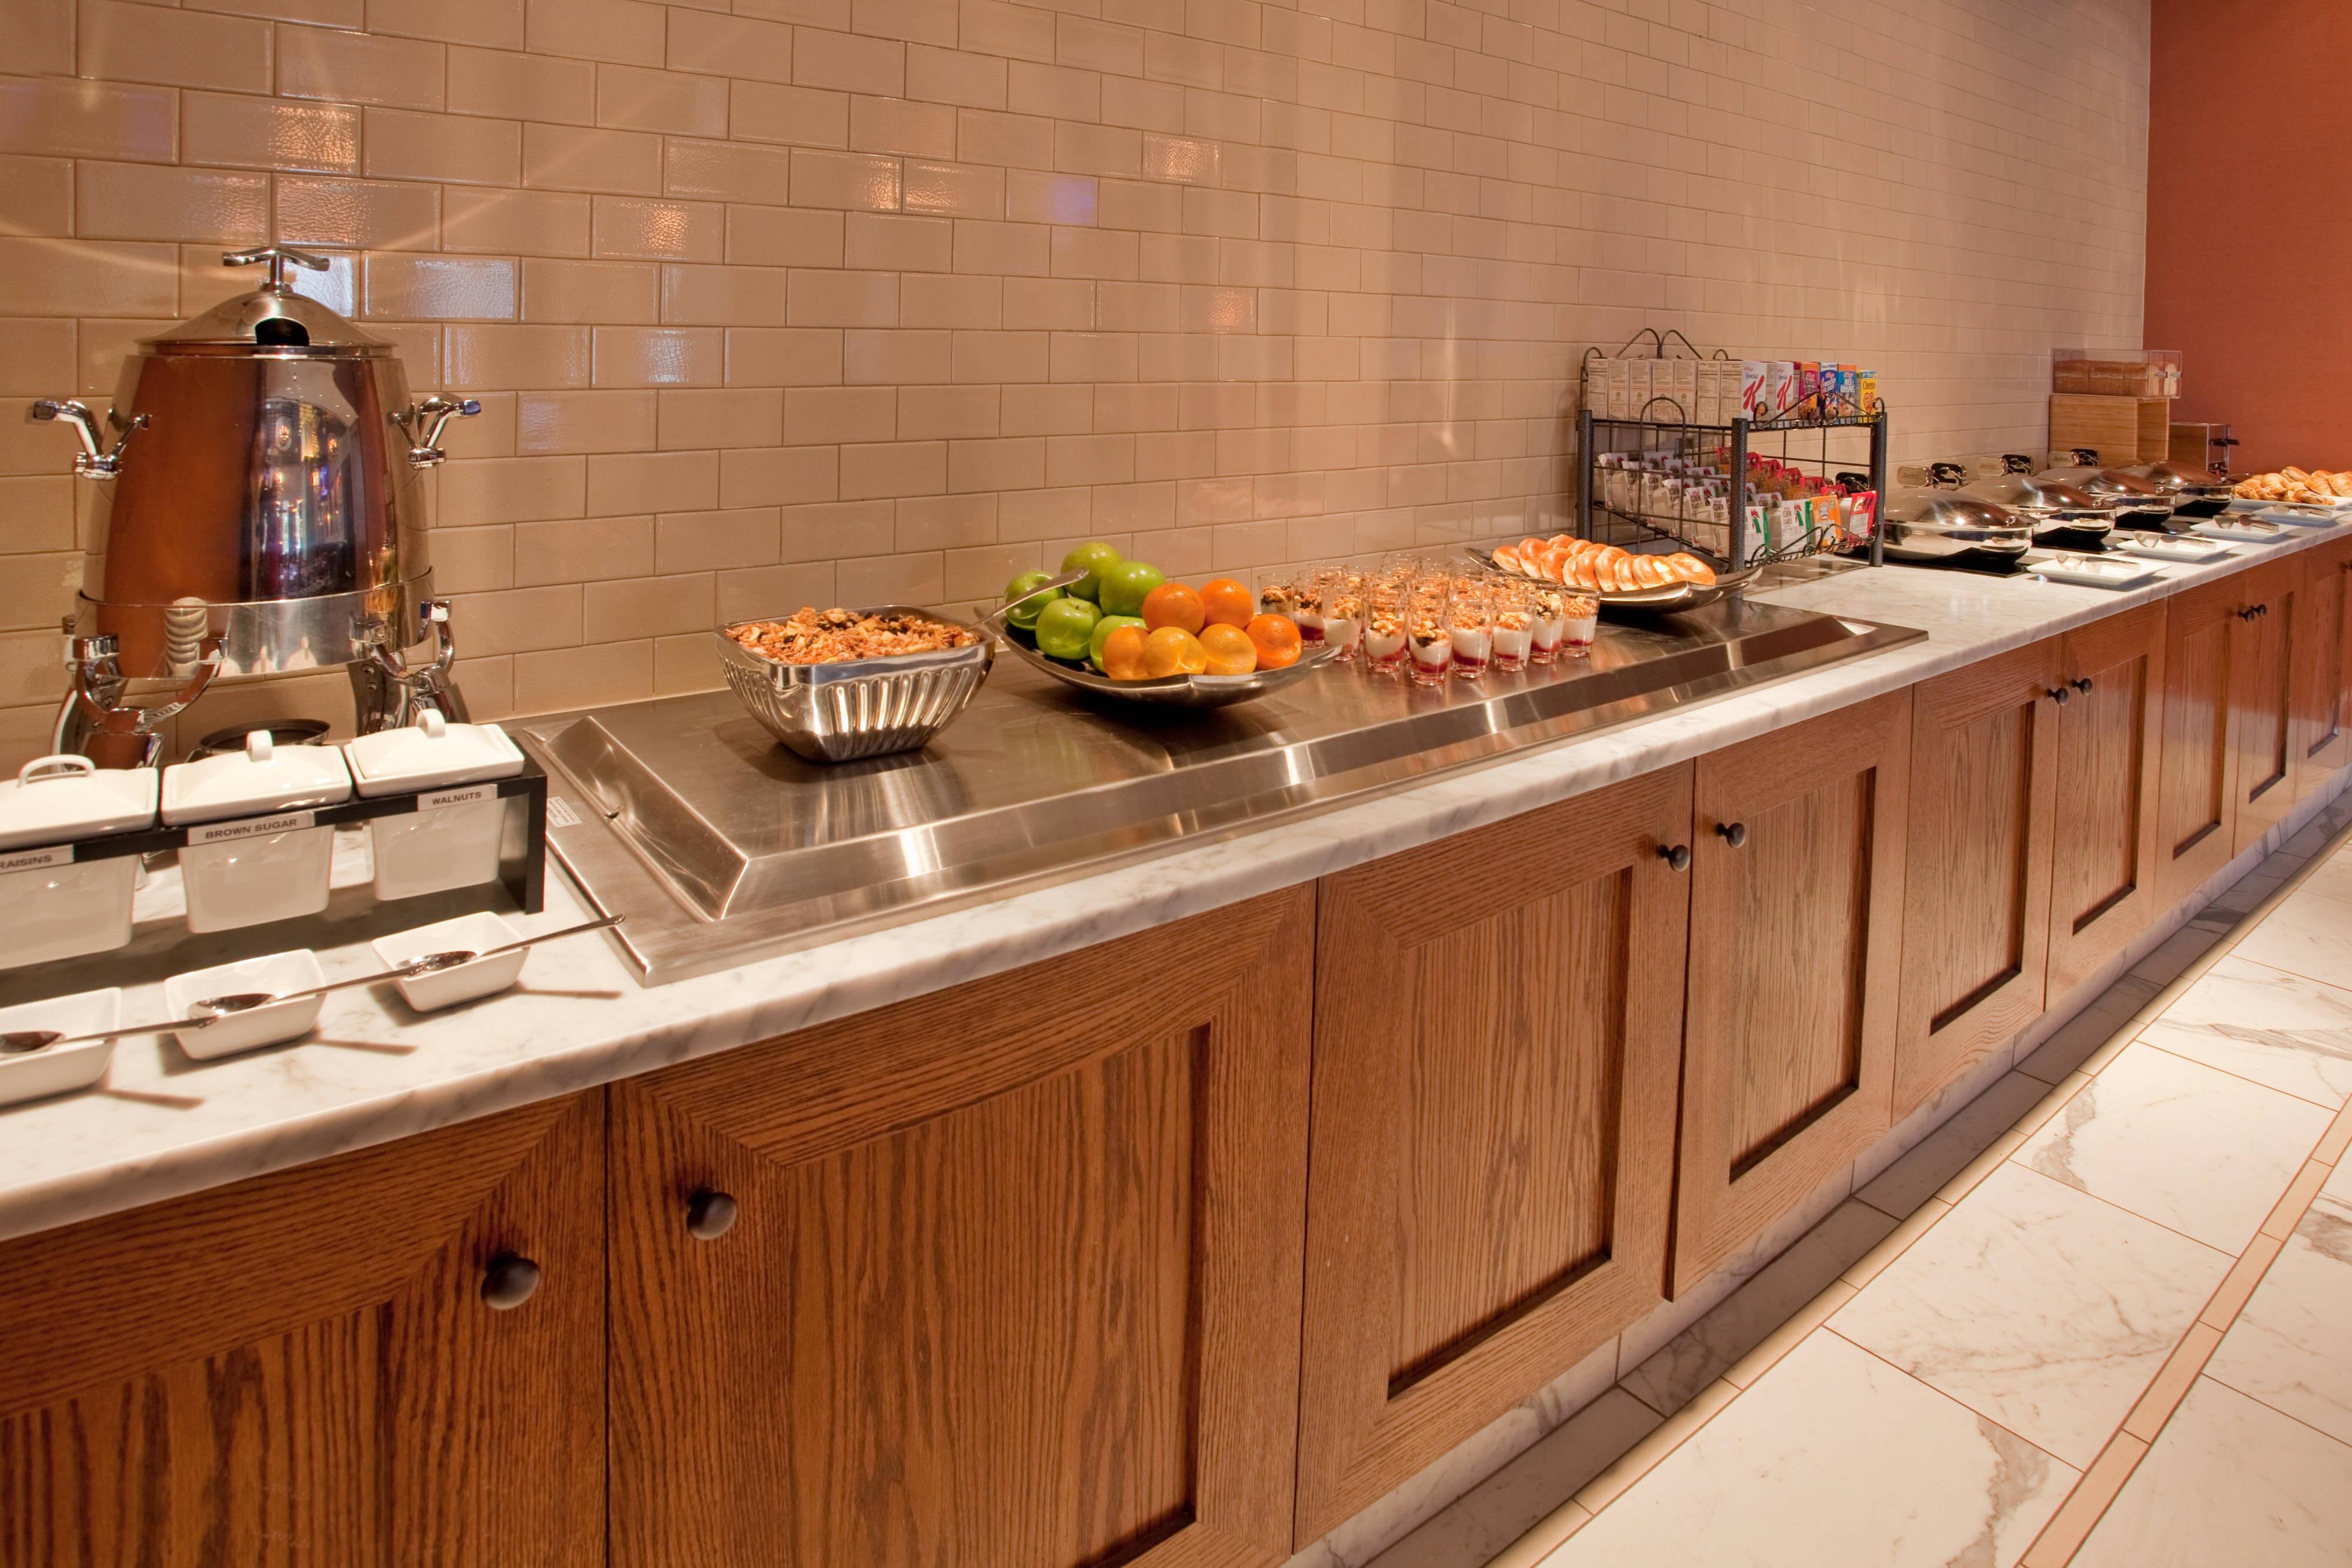 The Cafe - Breakfast Buffet